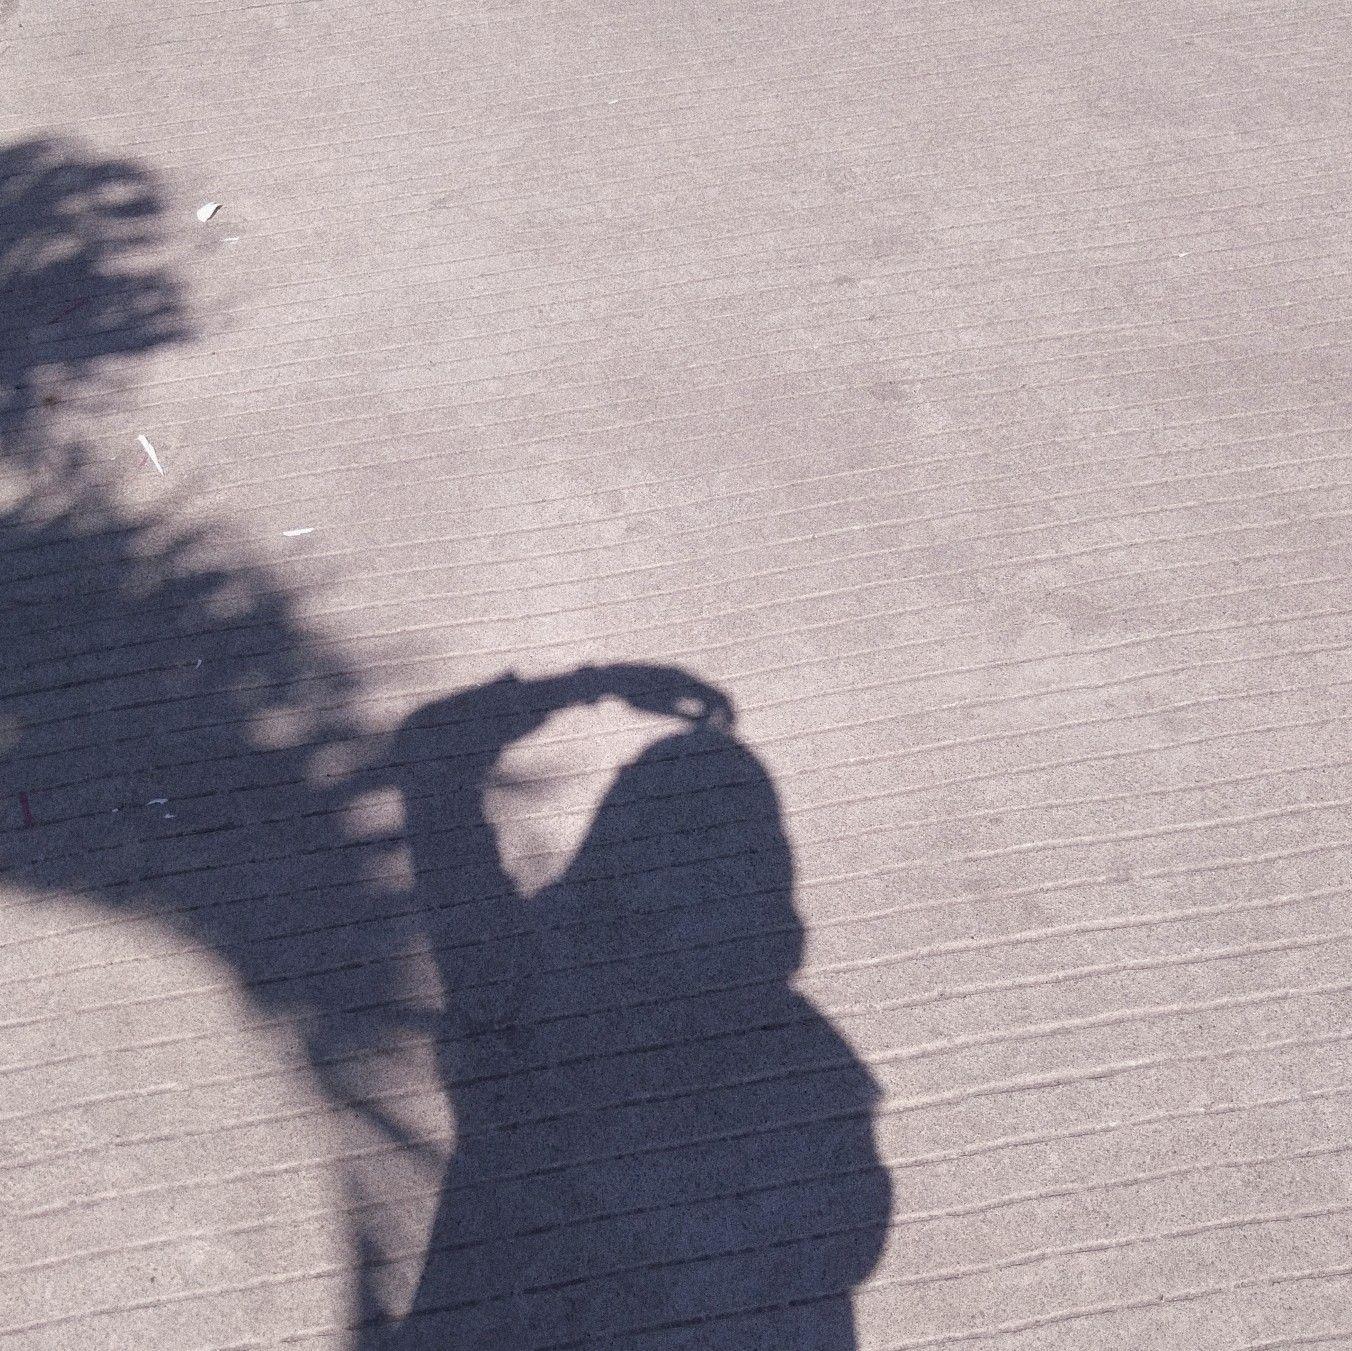 Aesthetic Hijab Girl Shadow Hijab Aesthetic Instagram Aesthetic